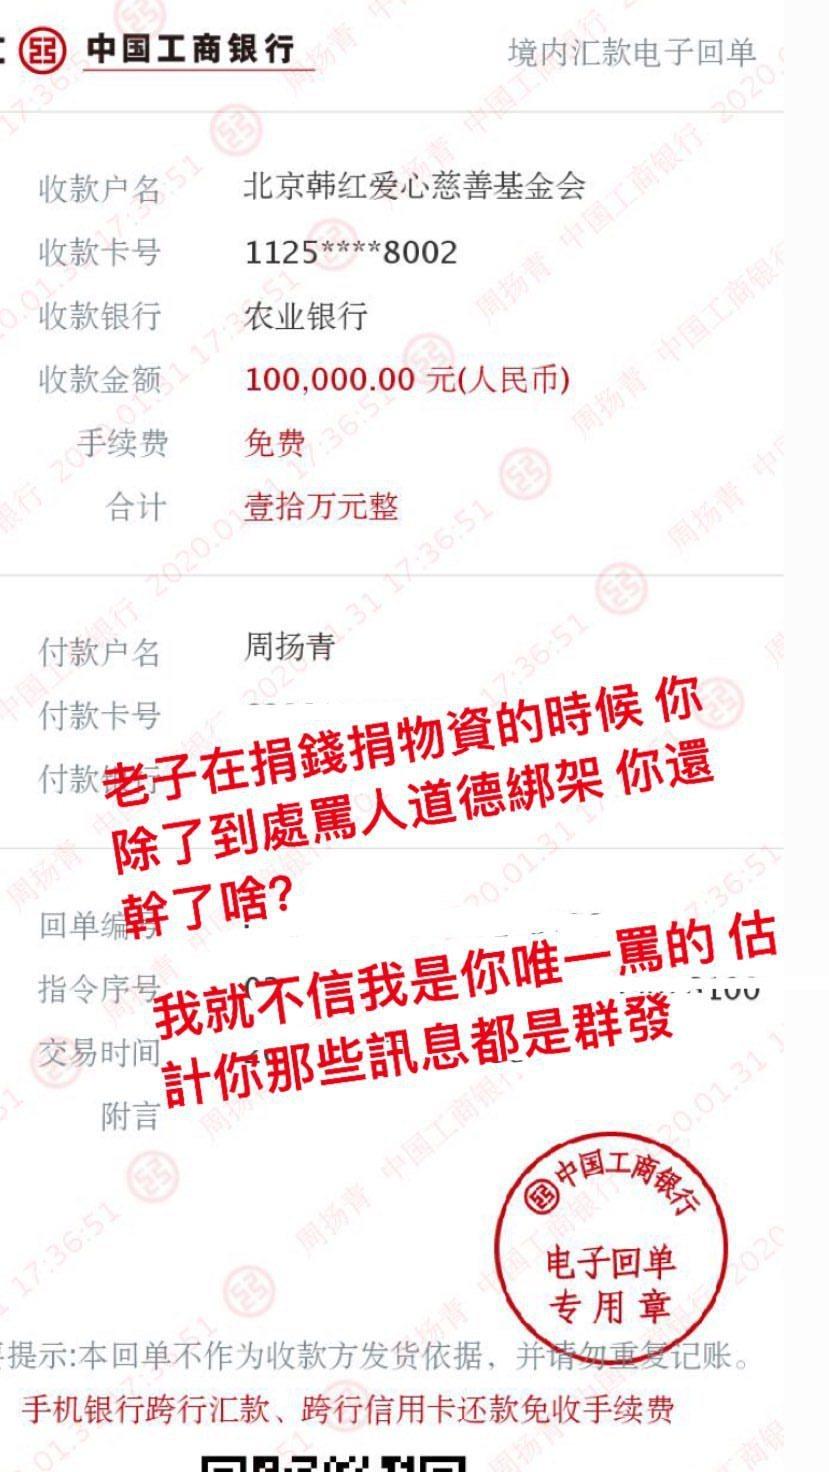 周揚青公開自己捐款收據。 圖/擷自周揚青IG